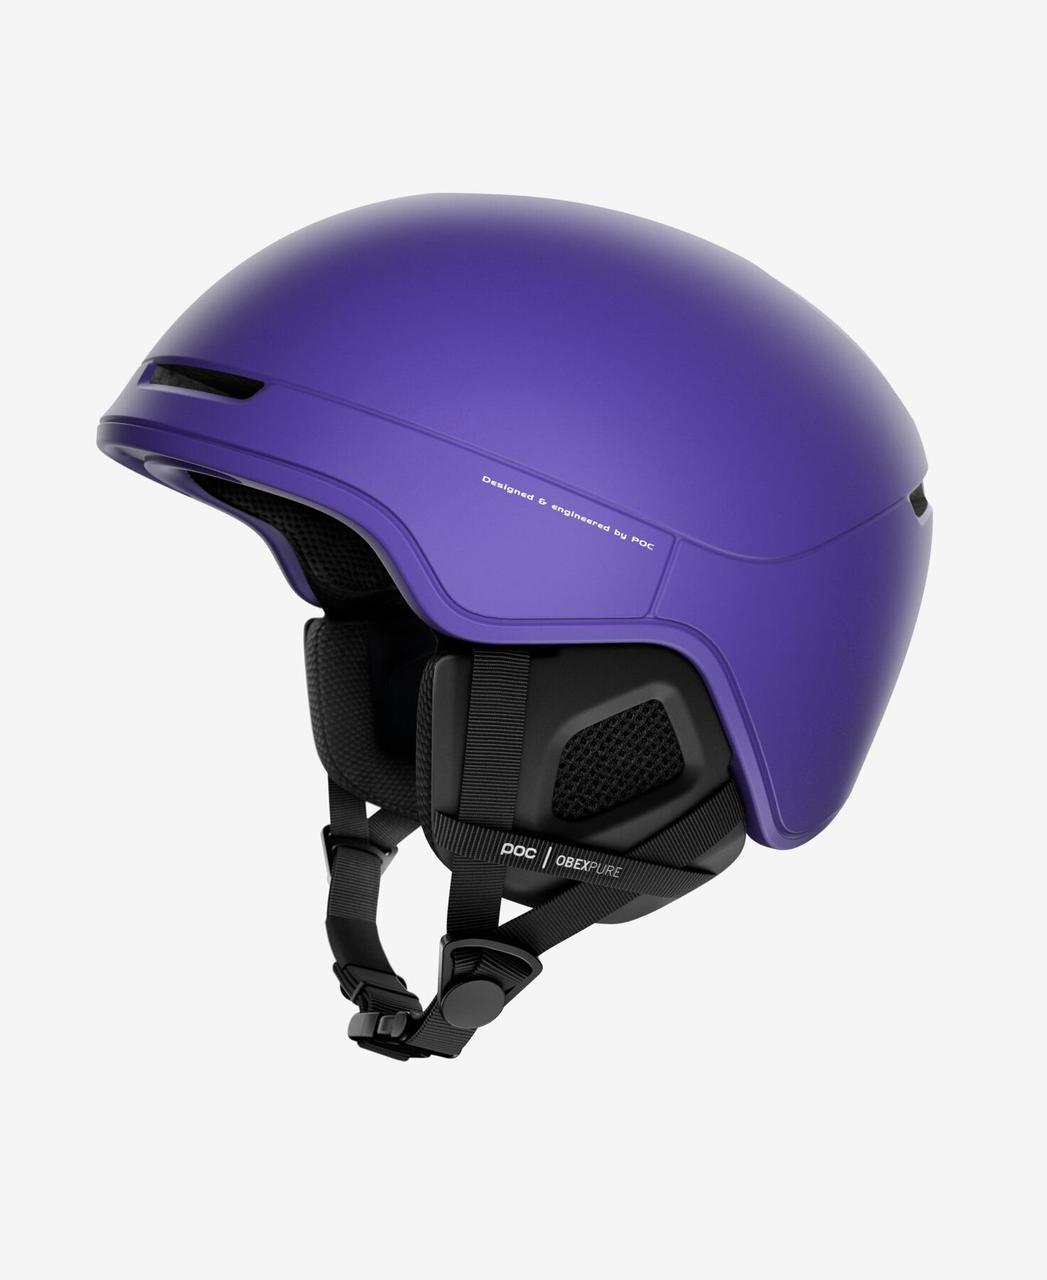 Шолом гірськолижний POC Obex Pure XL/XXL 59 - 62 см Ametist Purple